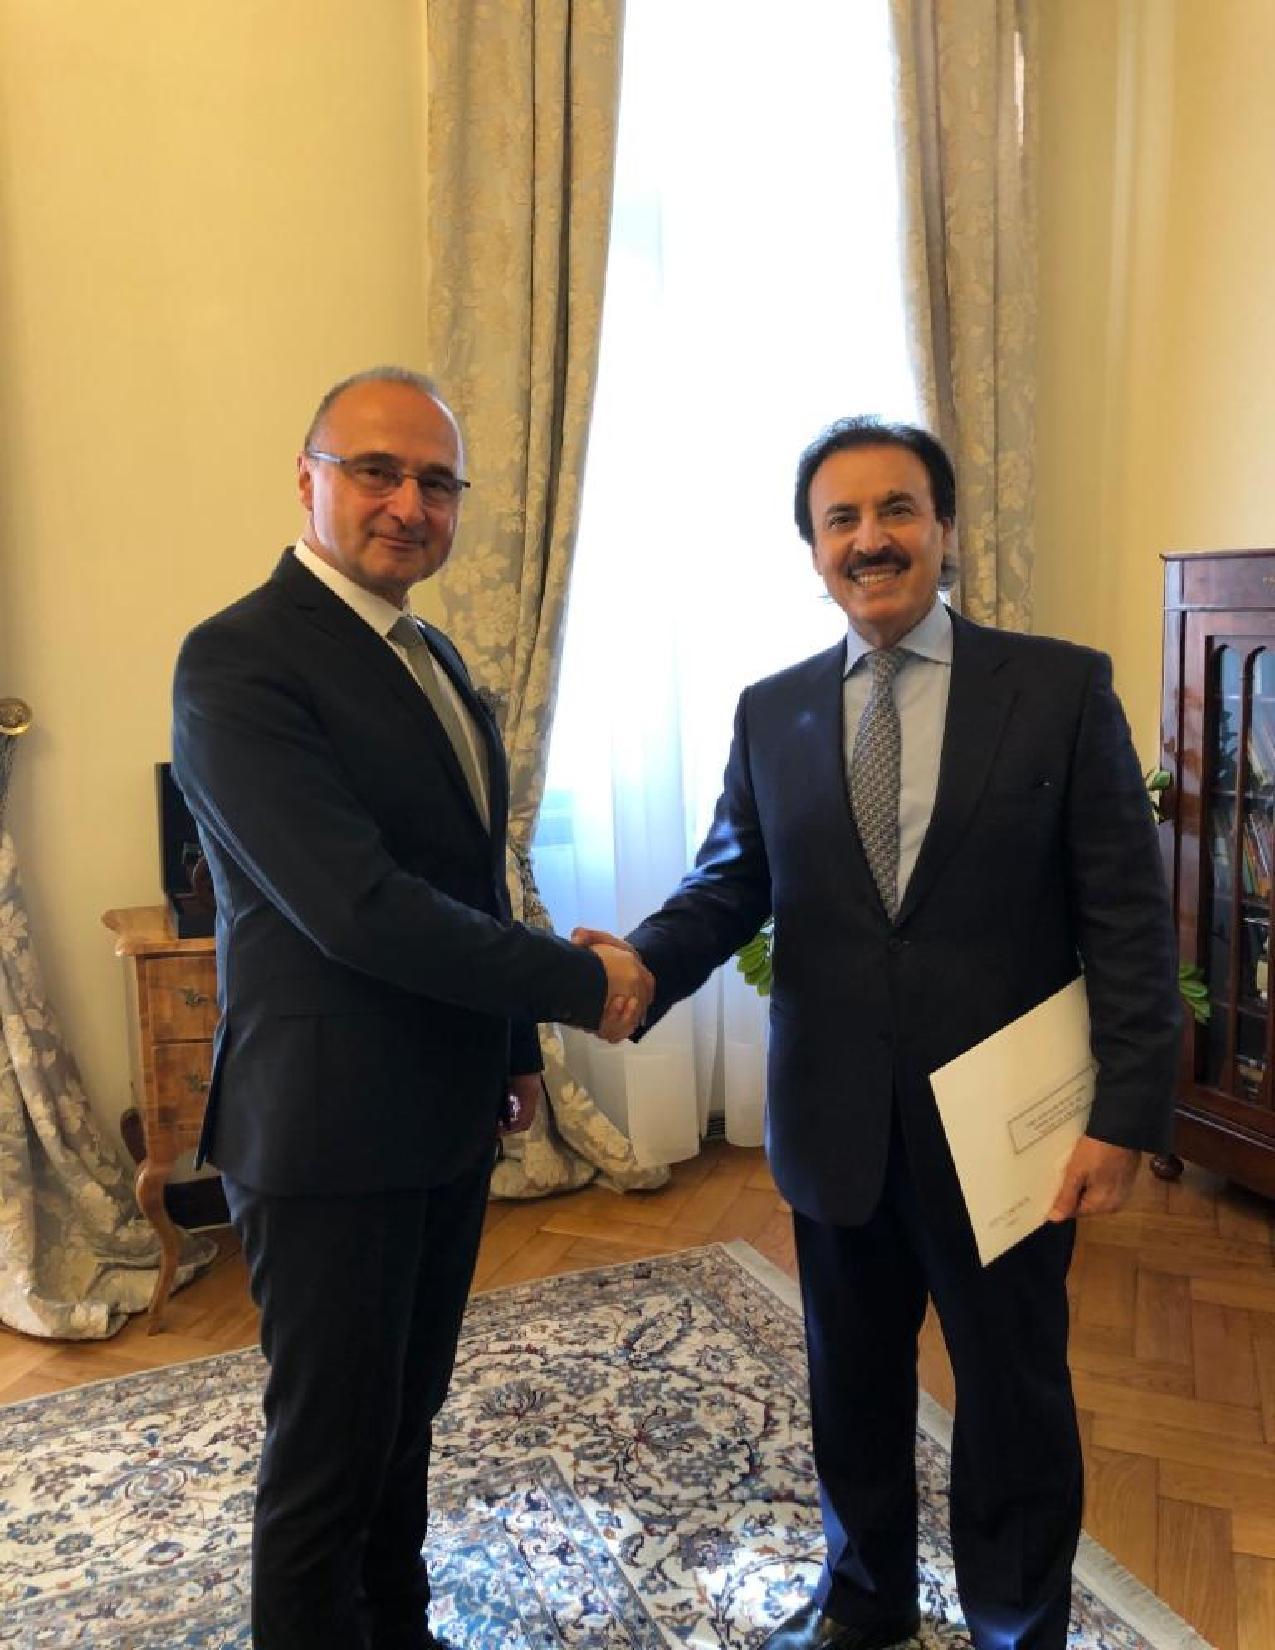 رسالة خطية من نائب رئيس مجلس الوزراء وزير الخارجية إلى وزير الخارجية الكرواتي